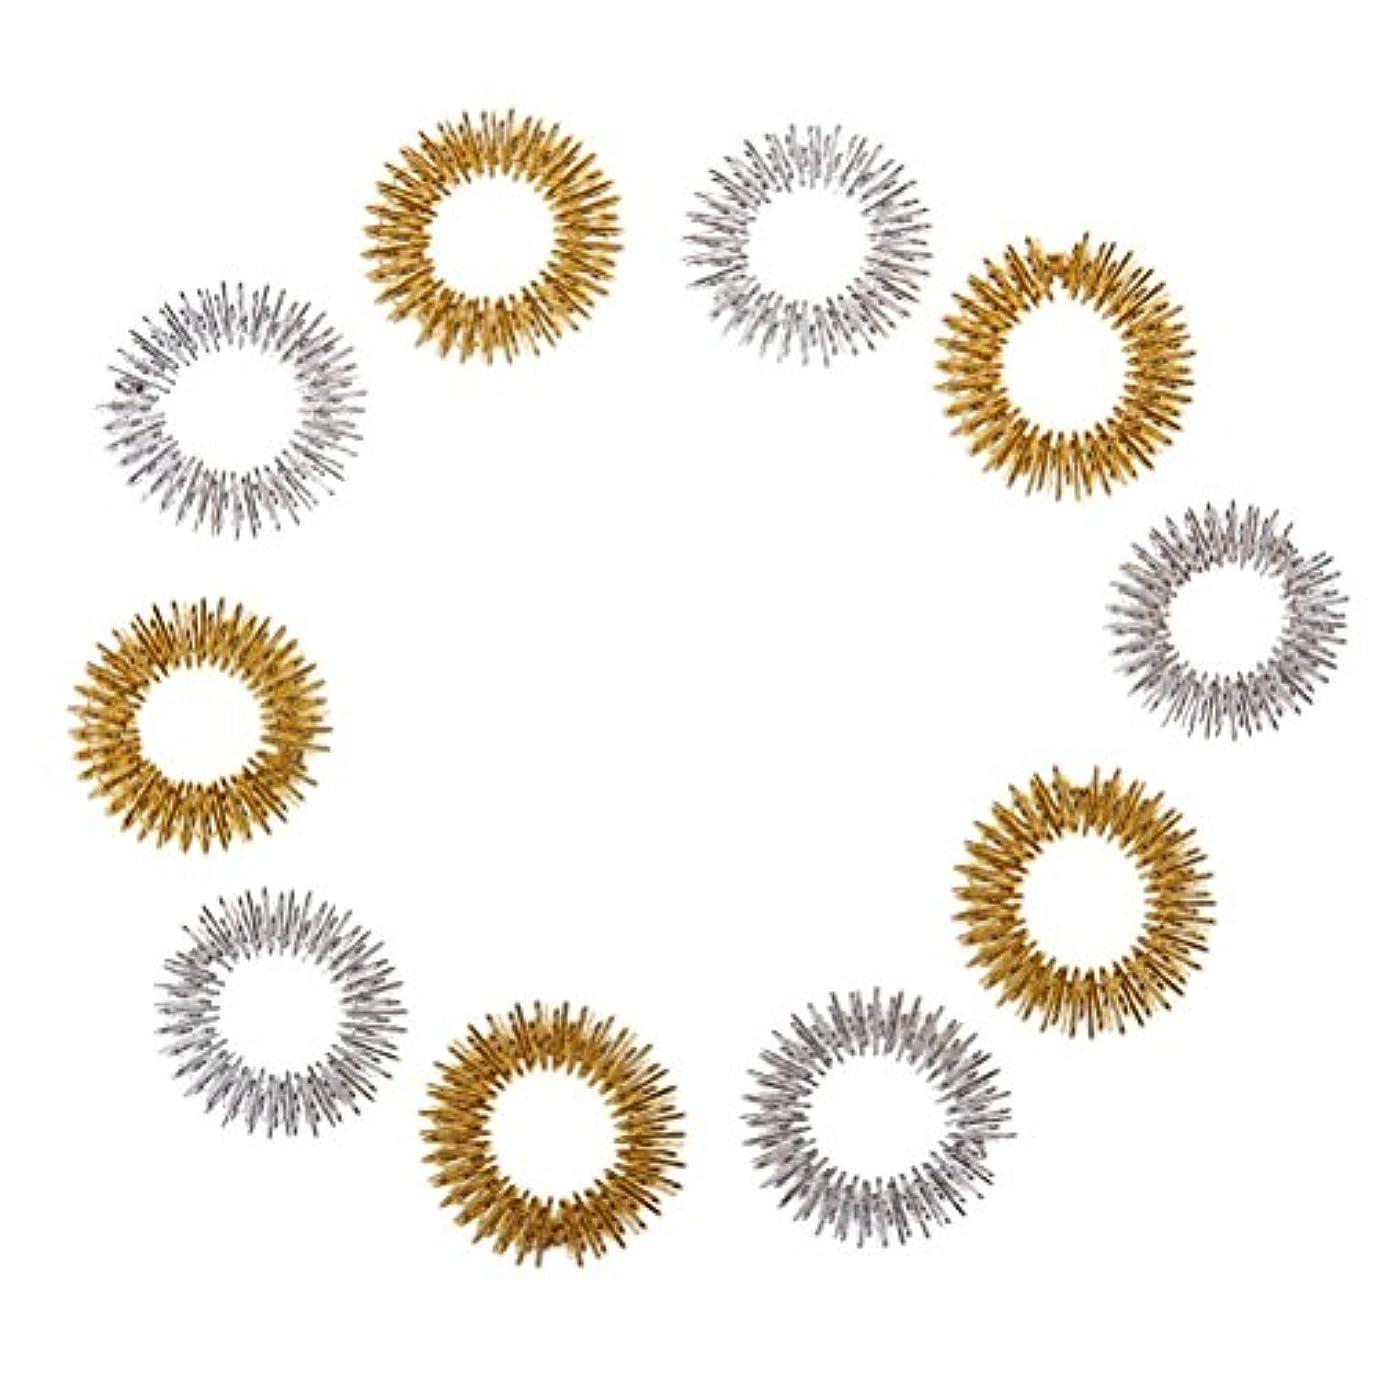 感覚抵当進捗SUPVOX 10ピース指圧マッサージ指輪循環リング子供のための十代の若者たち大人ランダム色